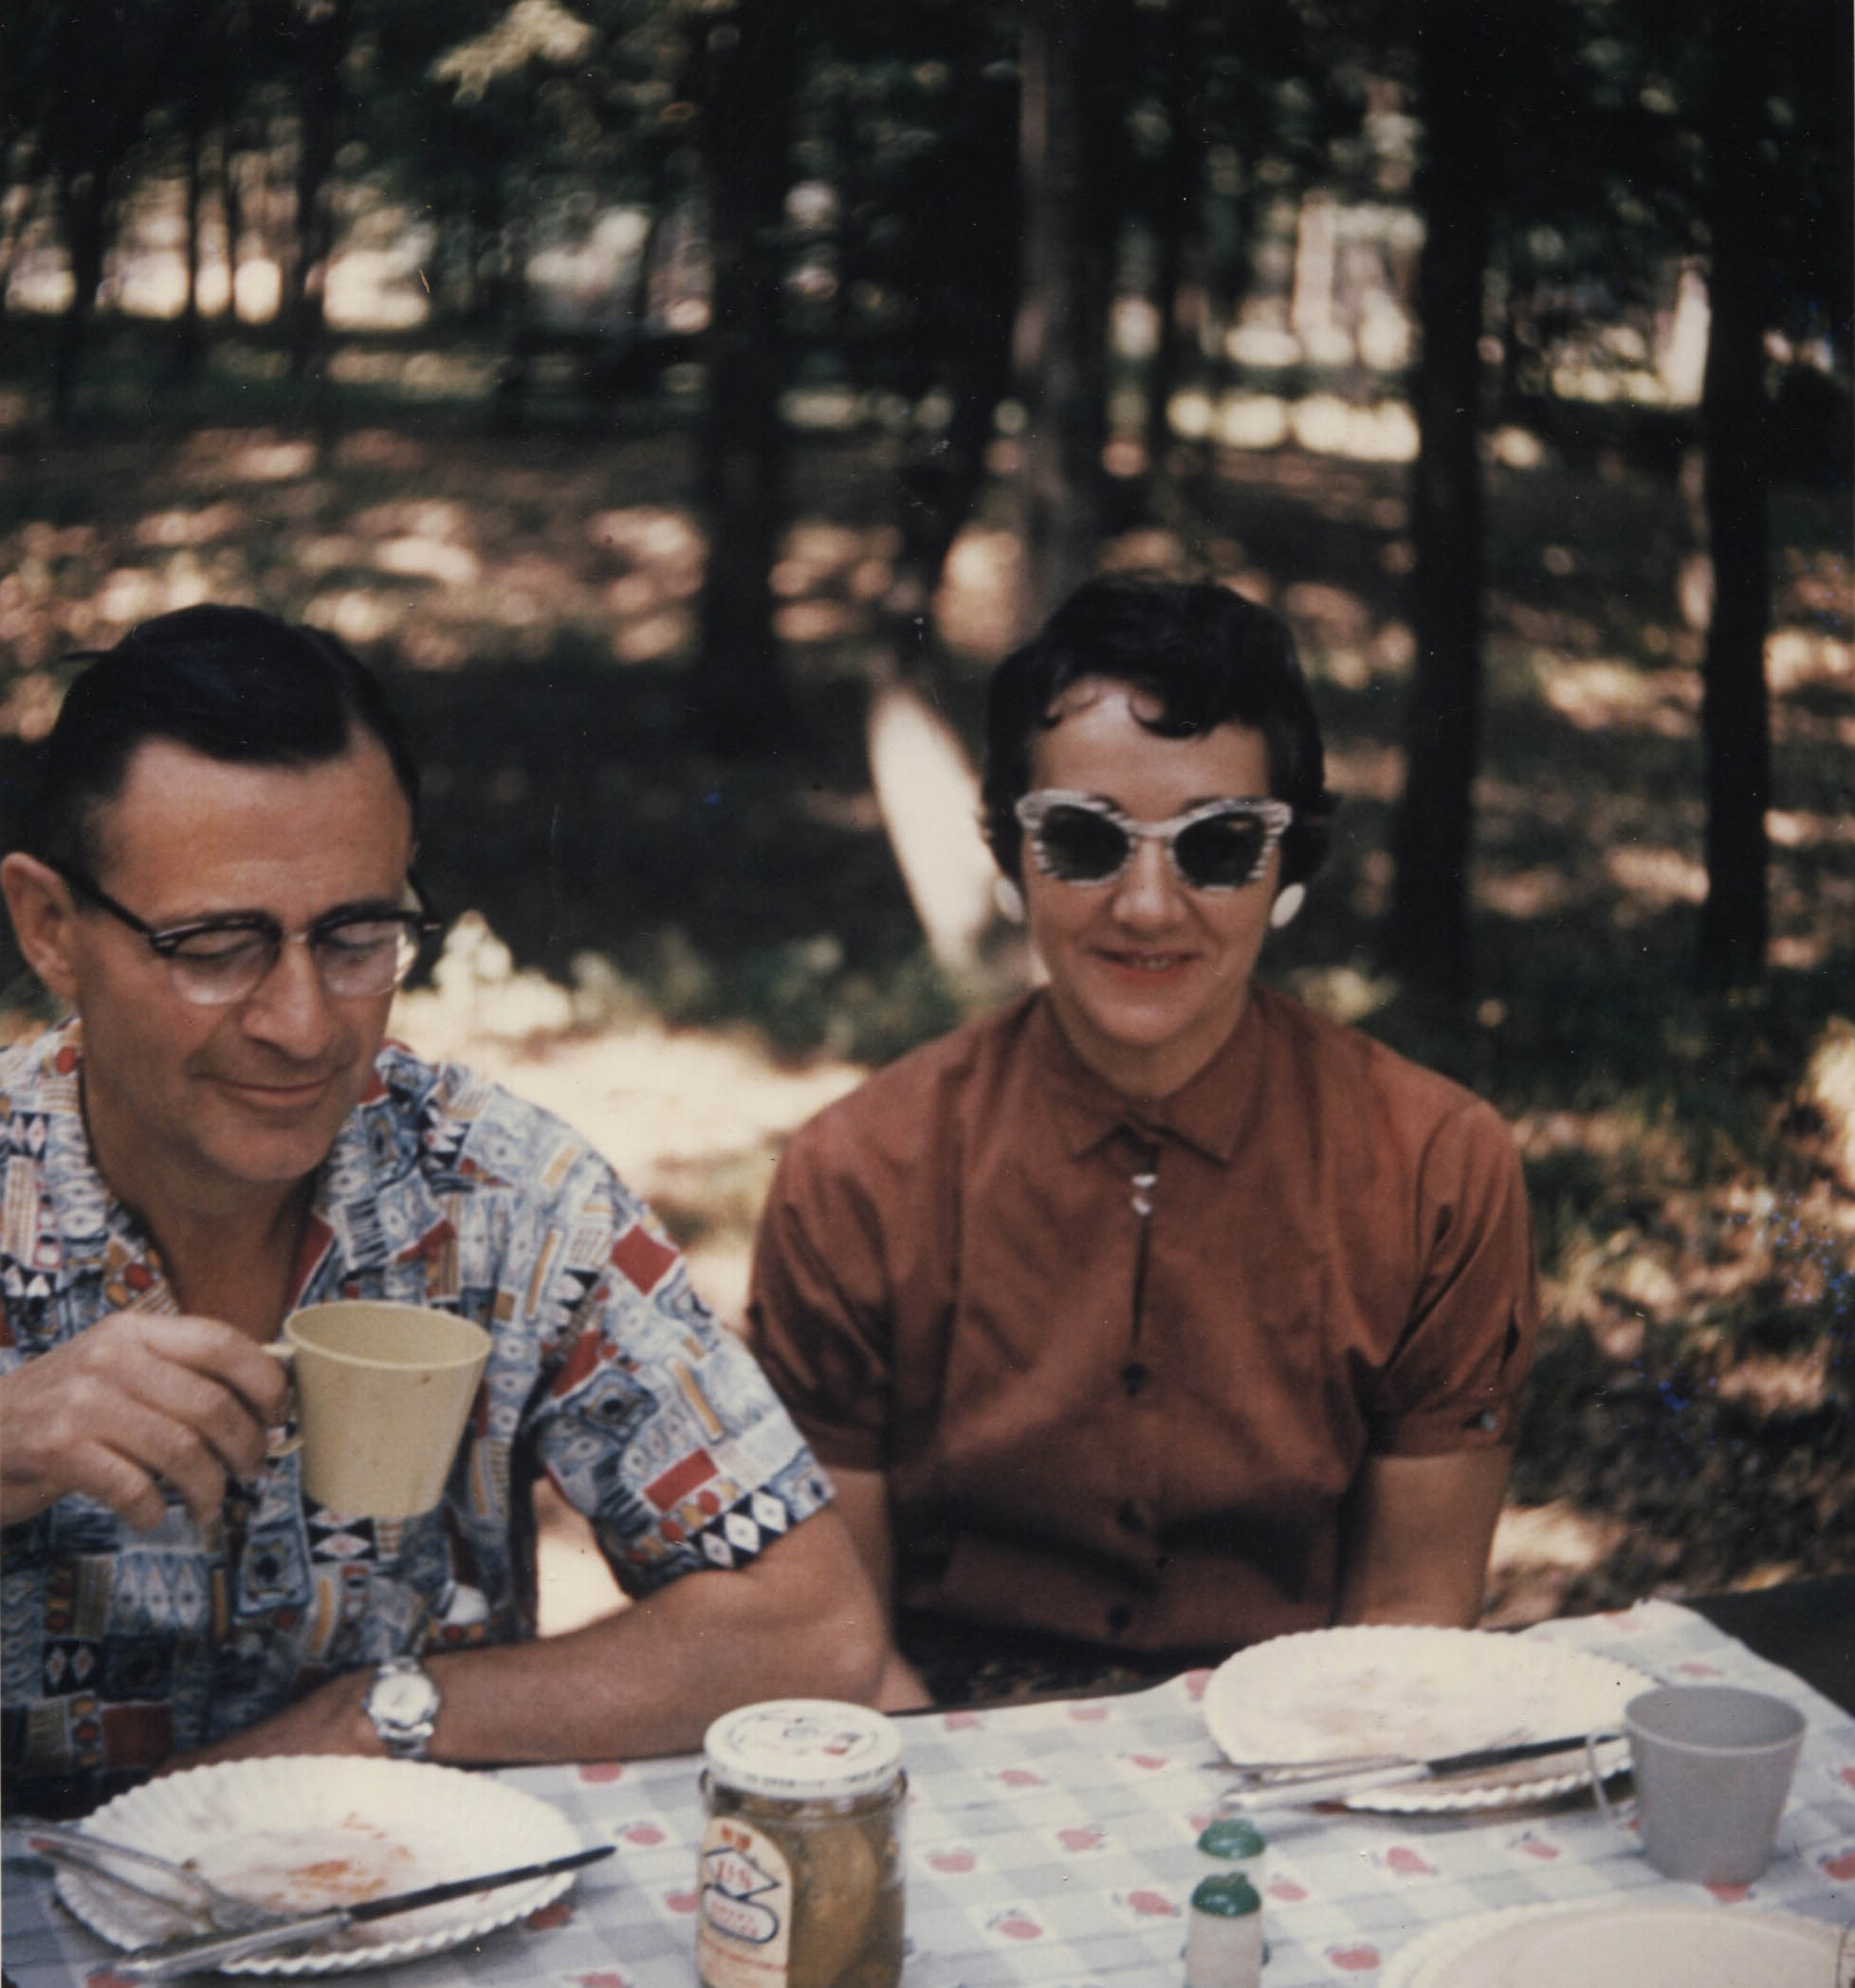 Nana & Pappaw picnicing.jpg